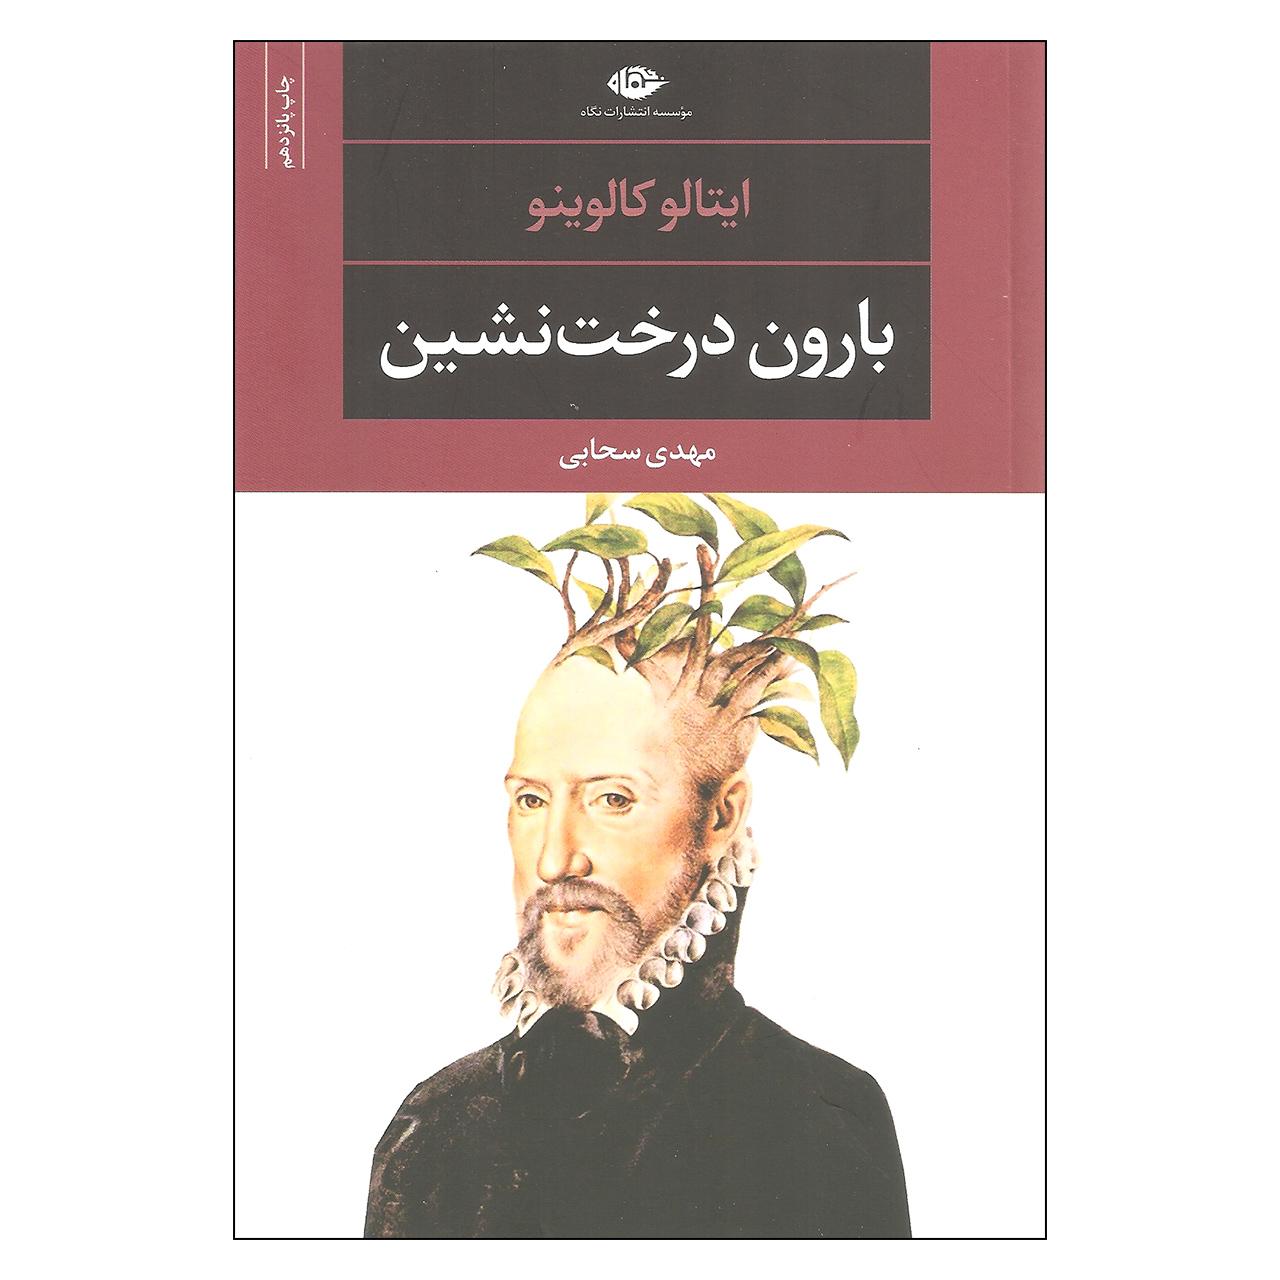 کتاب بارون درخت نشین اثر ایتالو کالوینو نشر نگاه